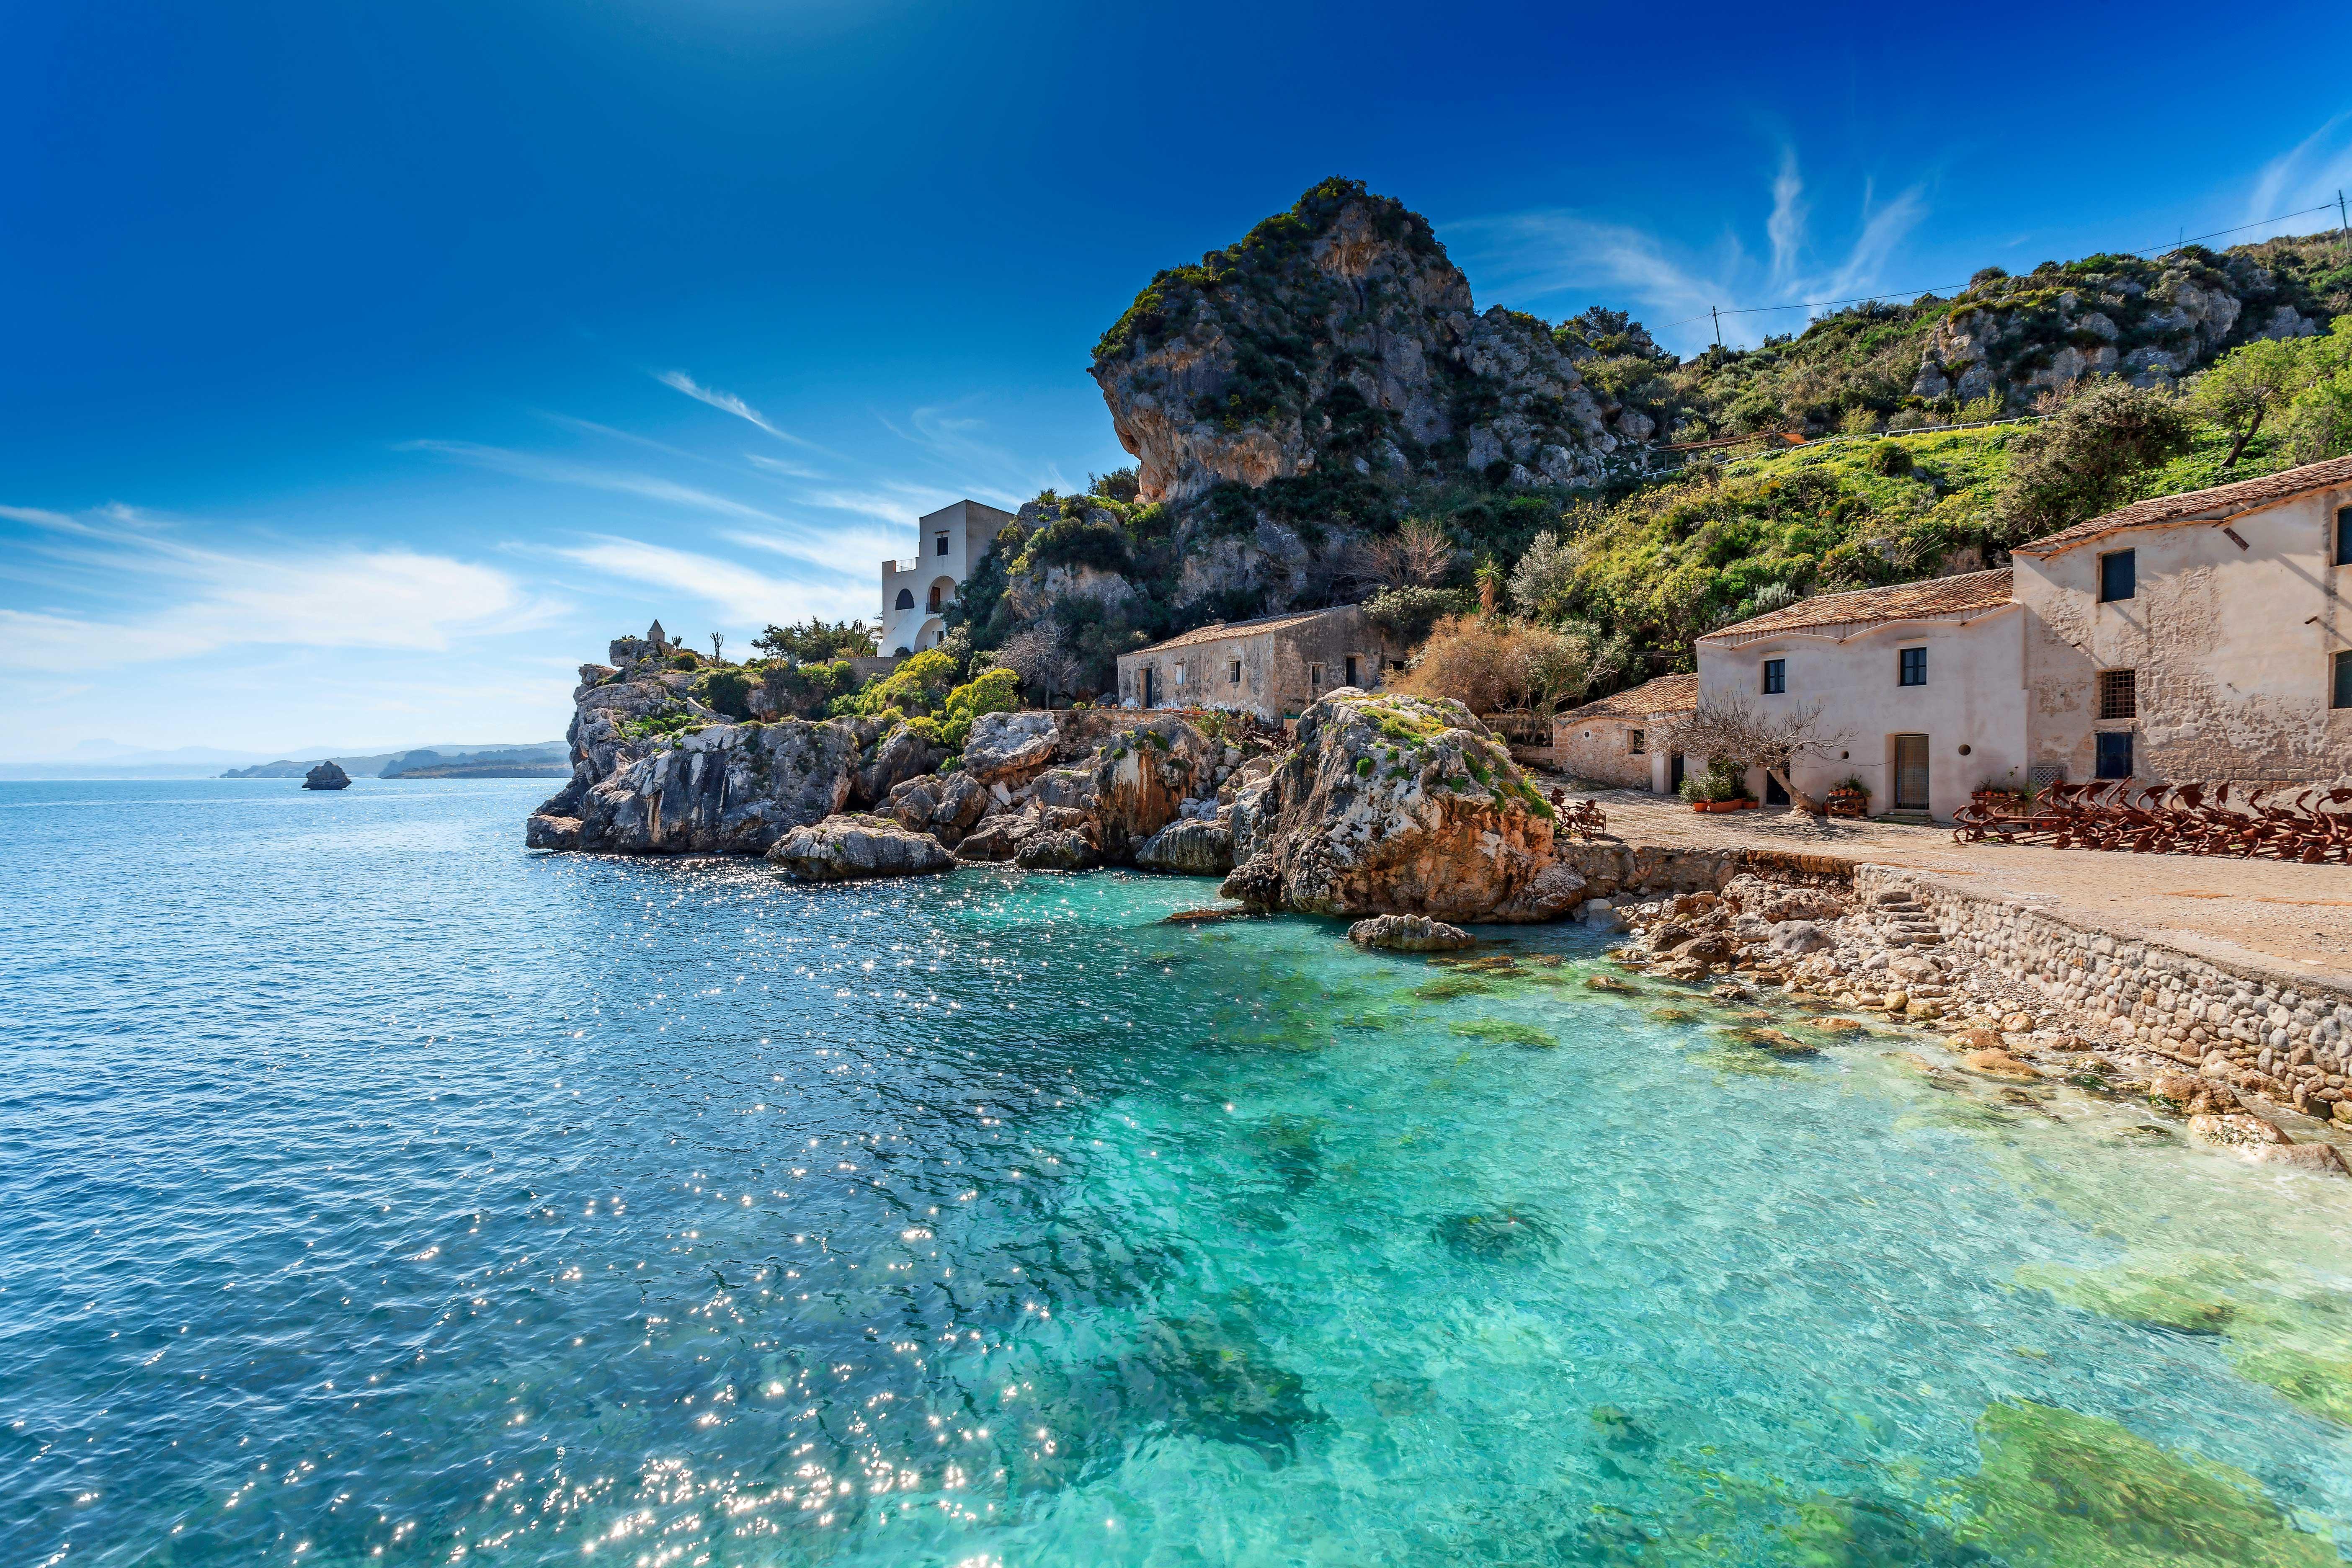 Temperatura acqua in Sicilia mese di Luglio